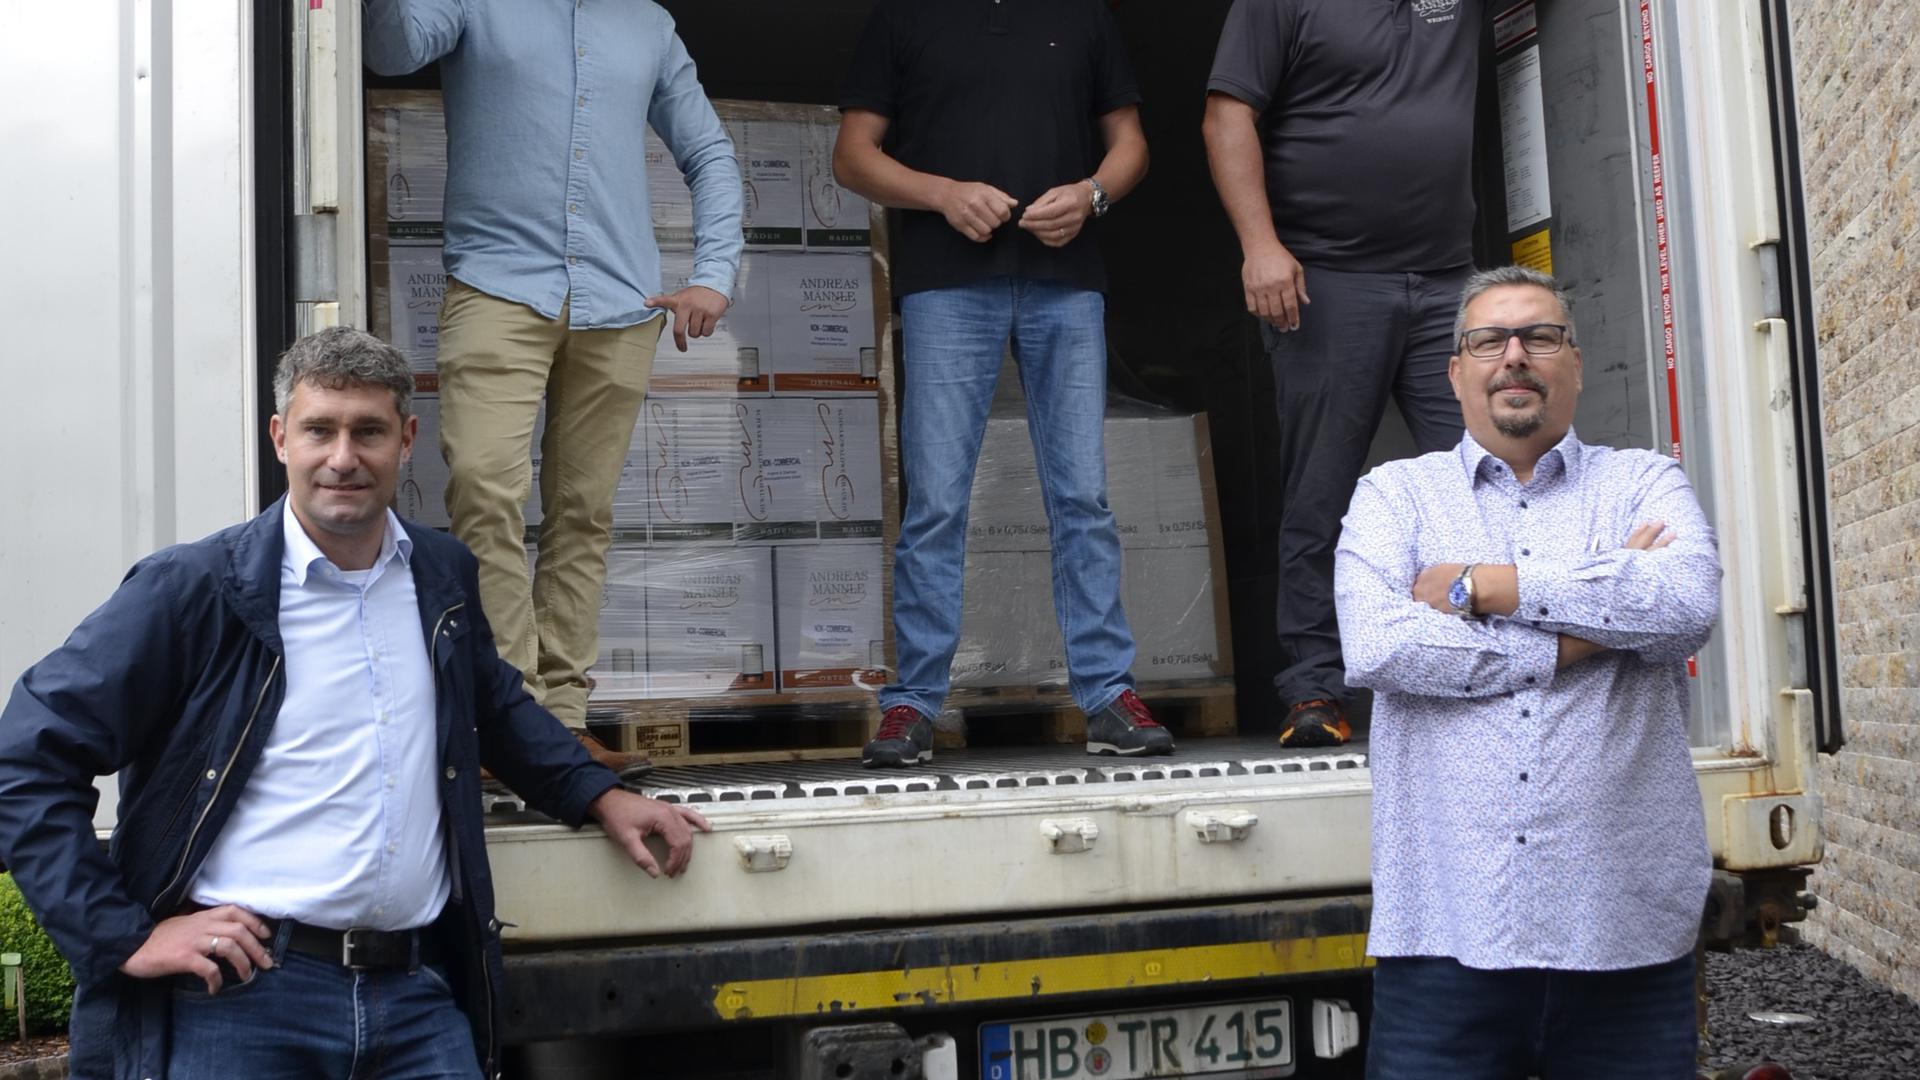 Ahmed Hashem (rechts vorne) mit den Vertretern der Ortenauer Betriebe.  F